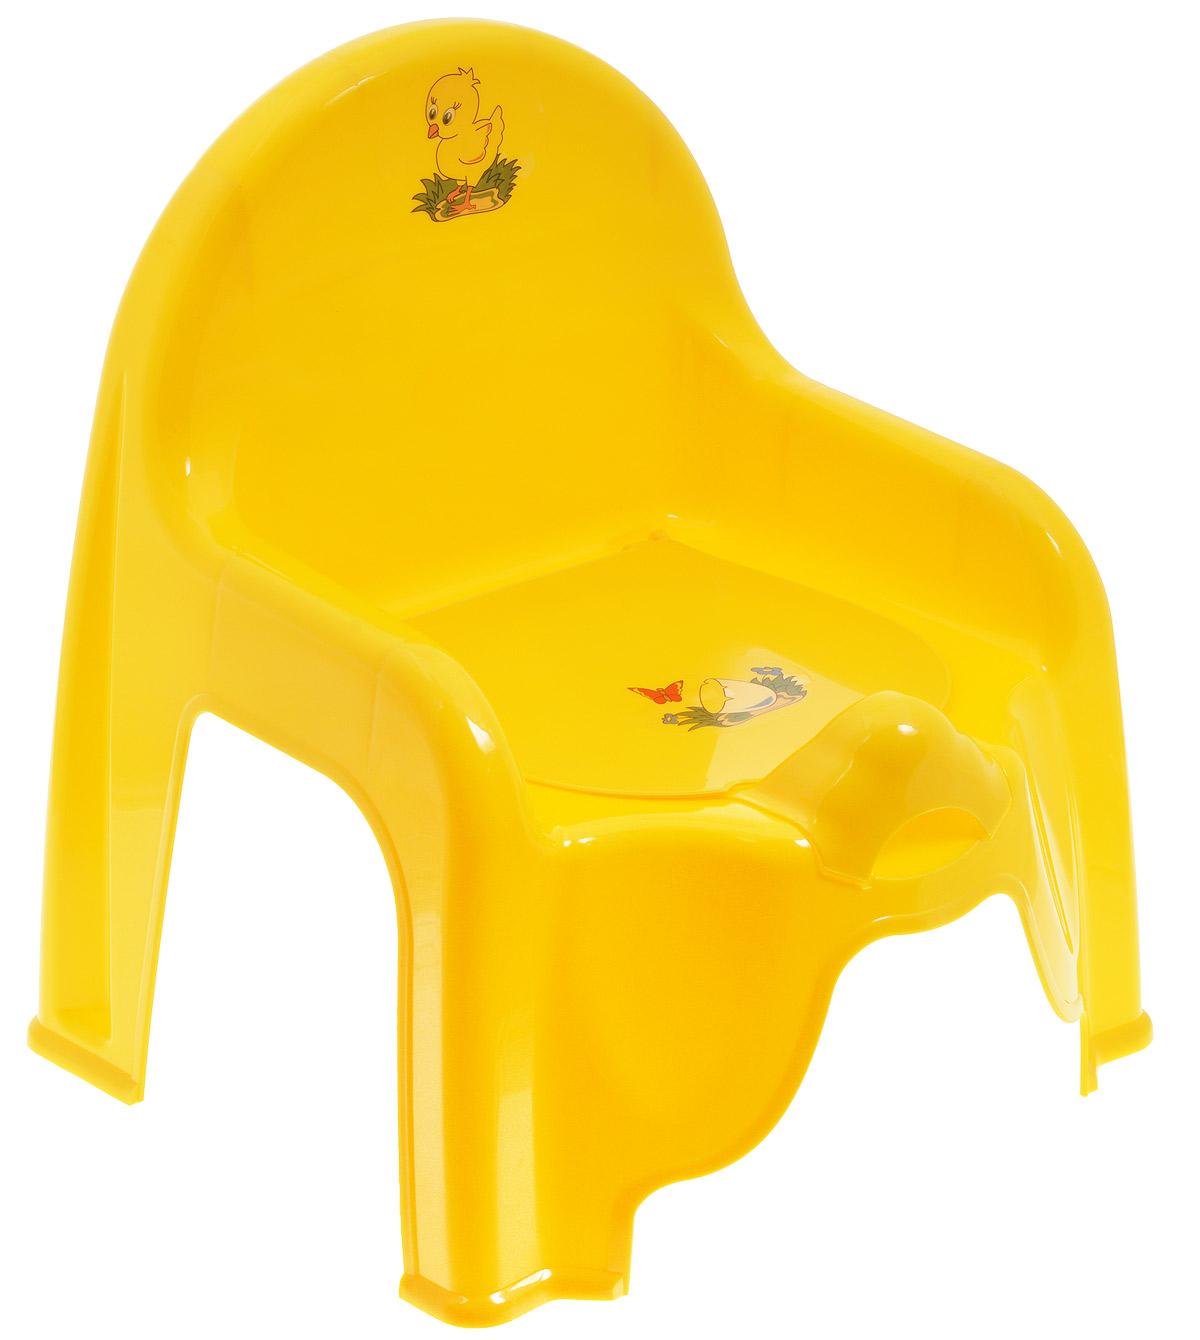 Idea Горшок-стульчик детский с крышкой цвет желтый